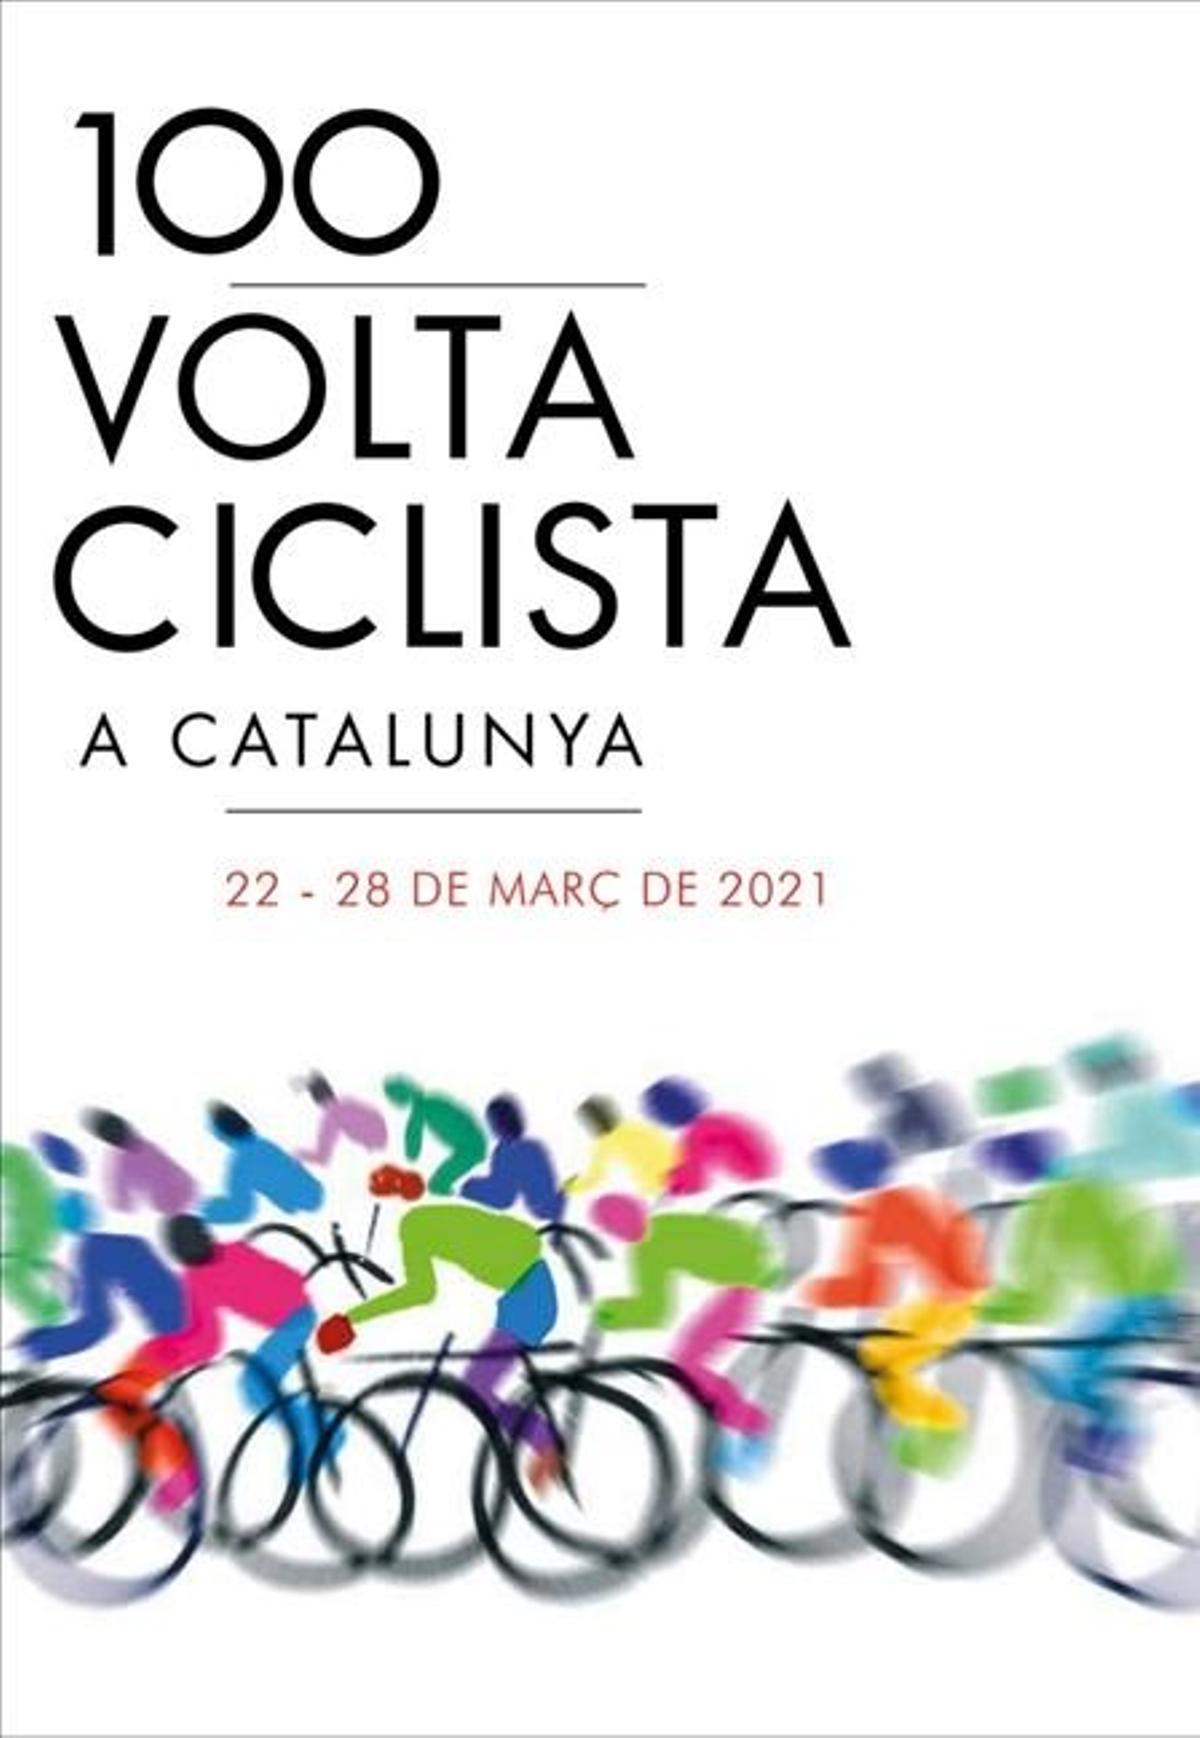 Cartel de la Volta Ciclista a Catalunya del 2021.